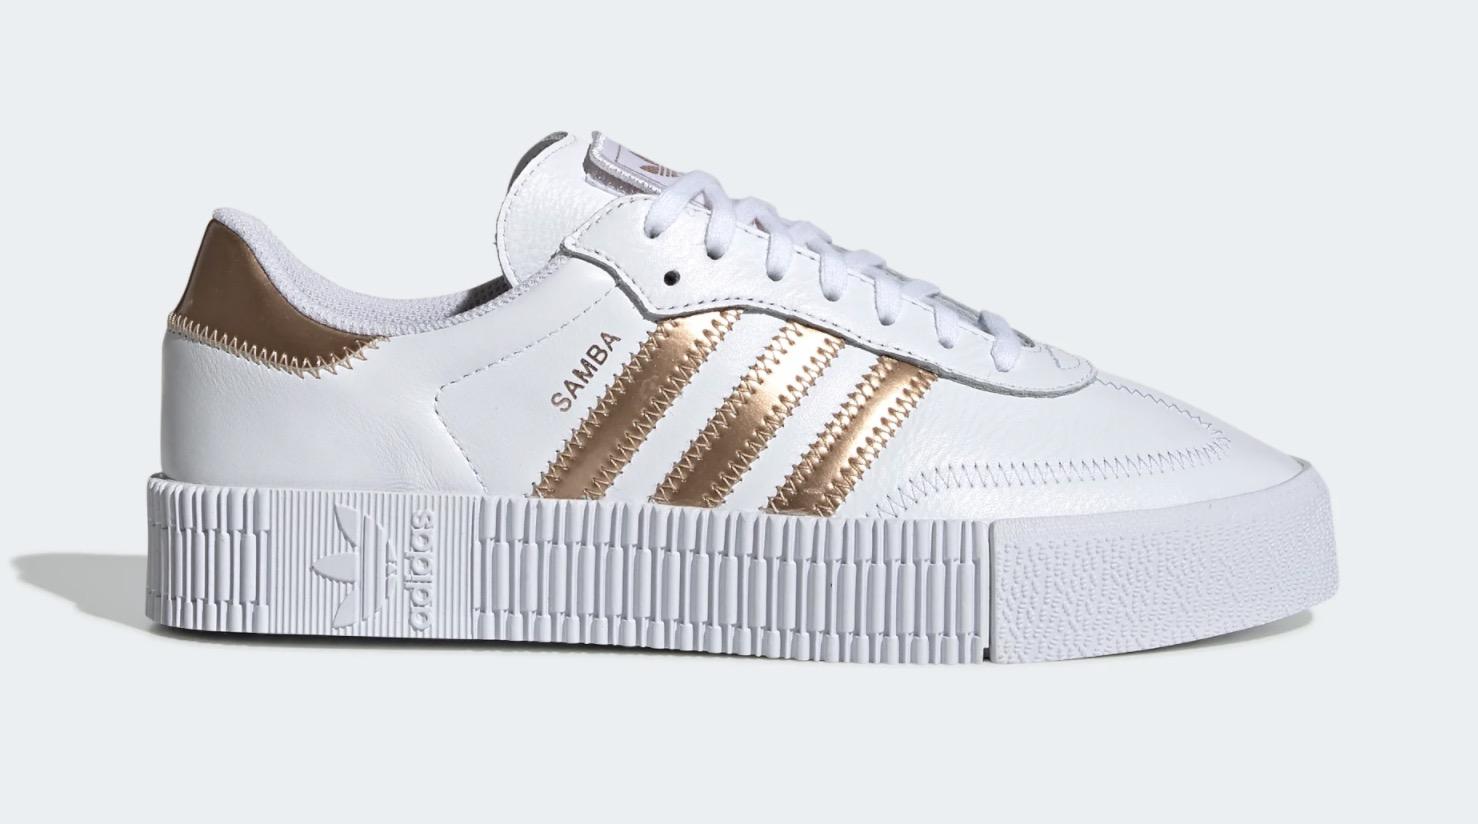 adidas Sambarose White Gold